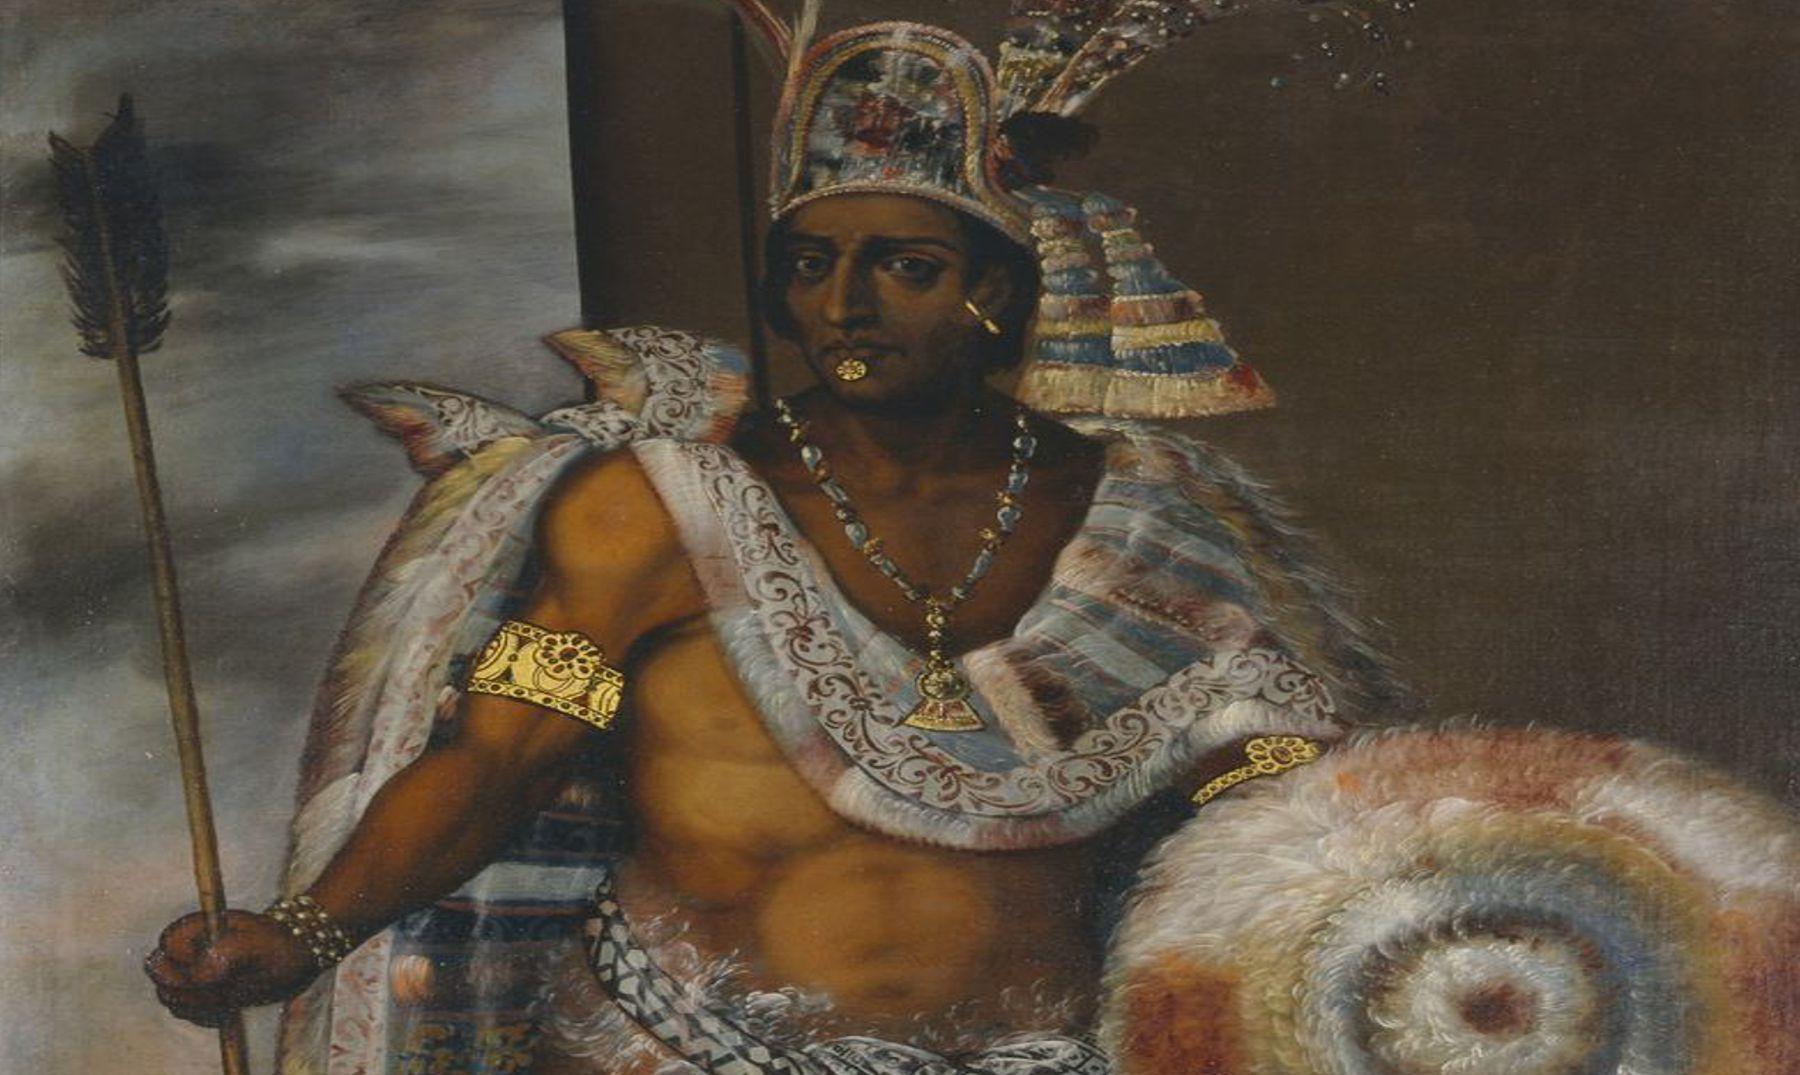 Lo que no sab as de moctezuma el ltimo gran rey azteca - El rey del tresillo ...